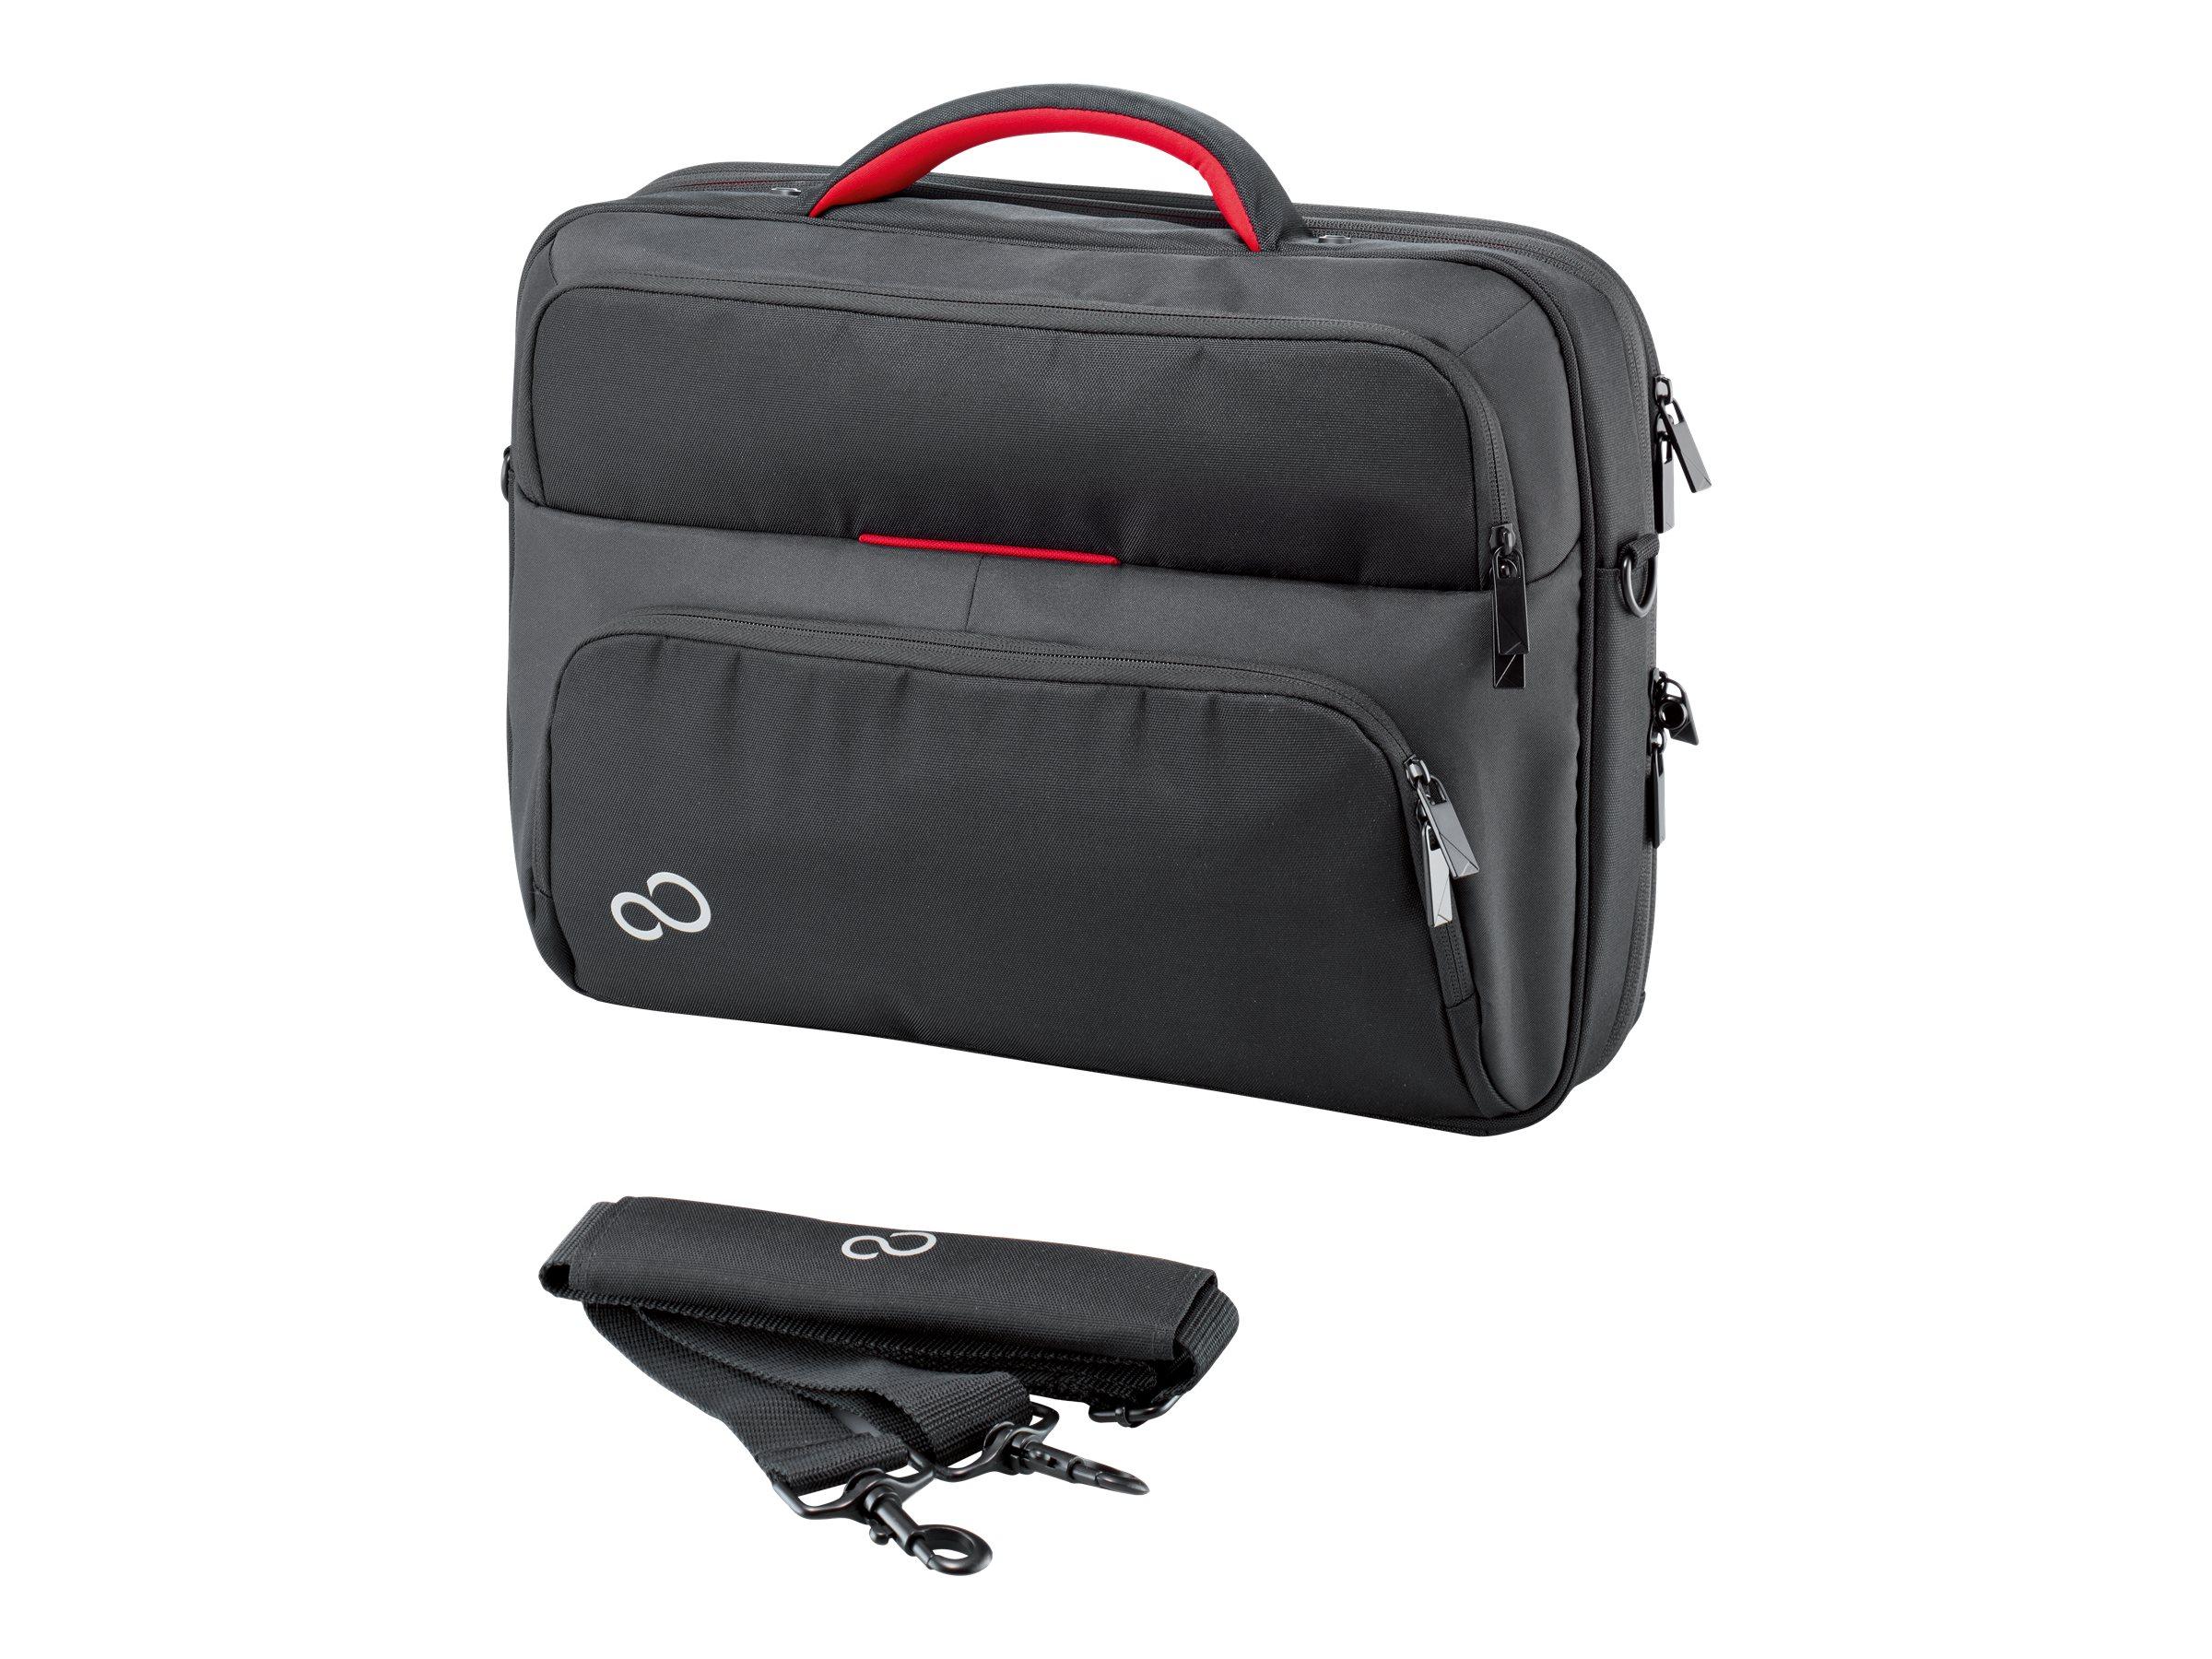 Fujitsu Prestige Case 15 - Notebook-Tasche - 40.6 cm (16